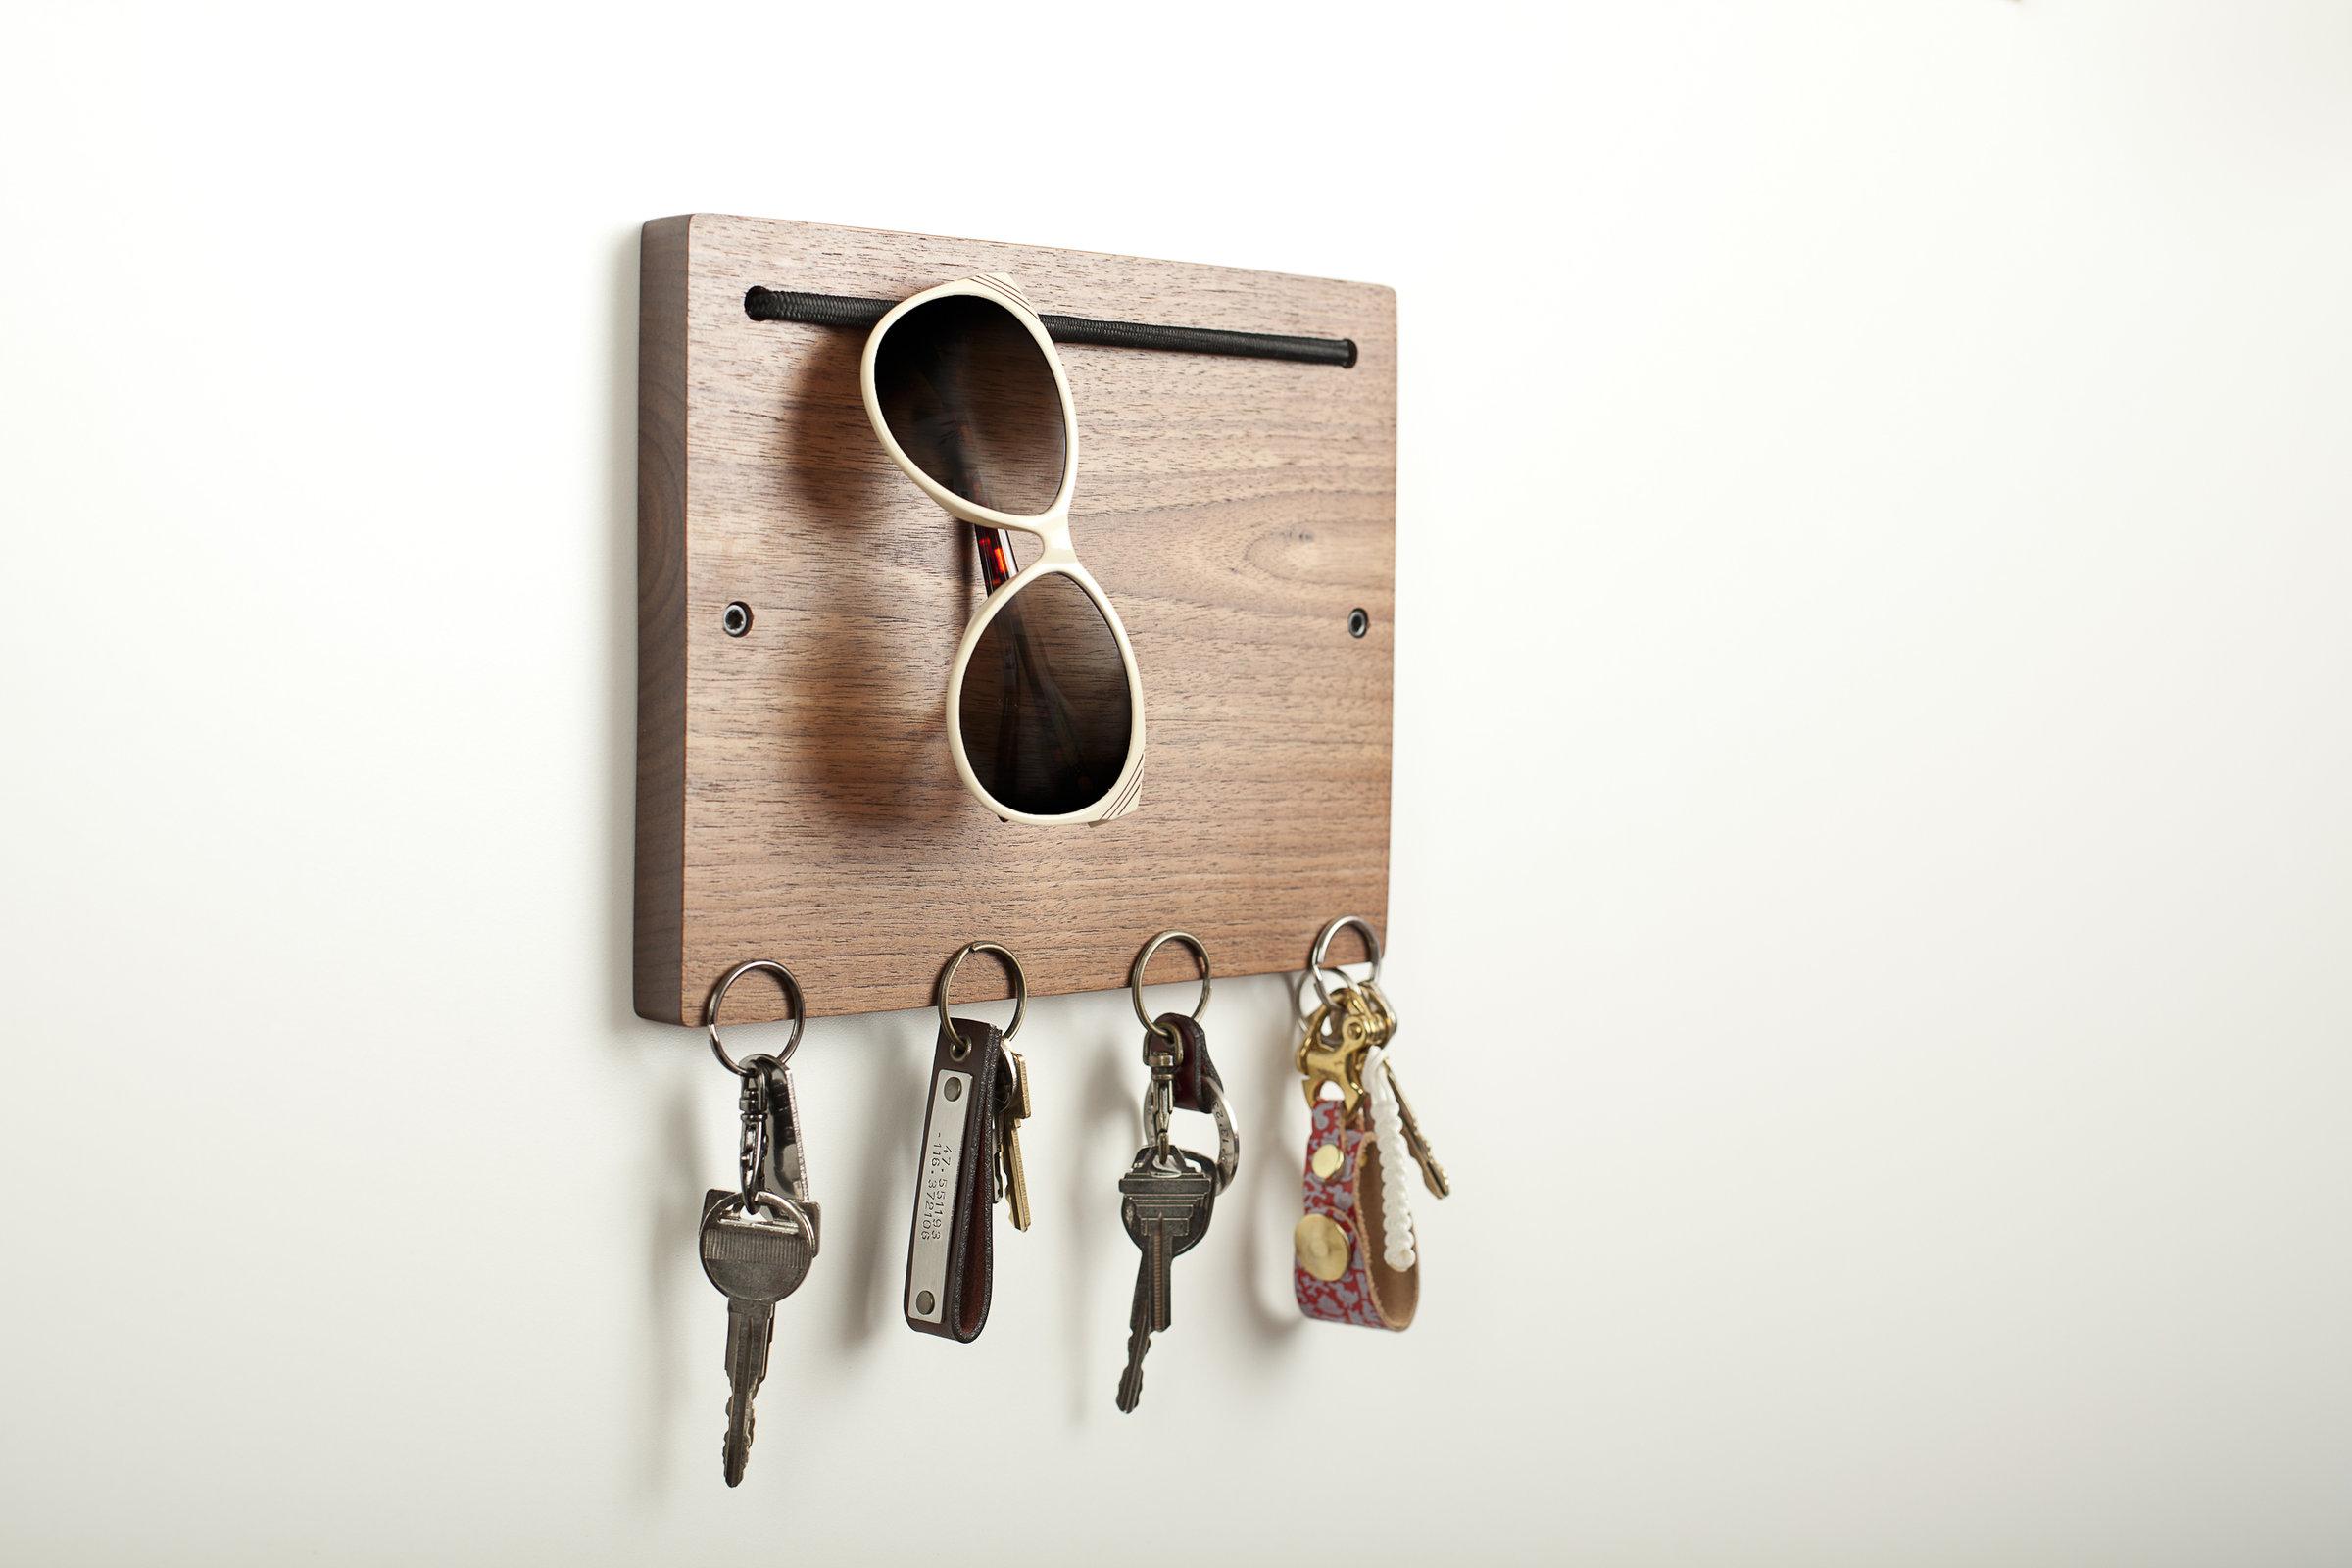 Blokkey Eyewear And Key Holder In Walnut By Brad Reed